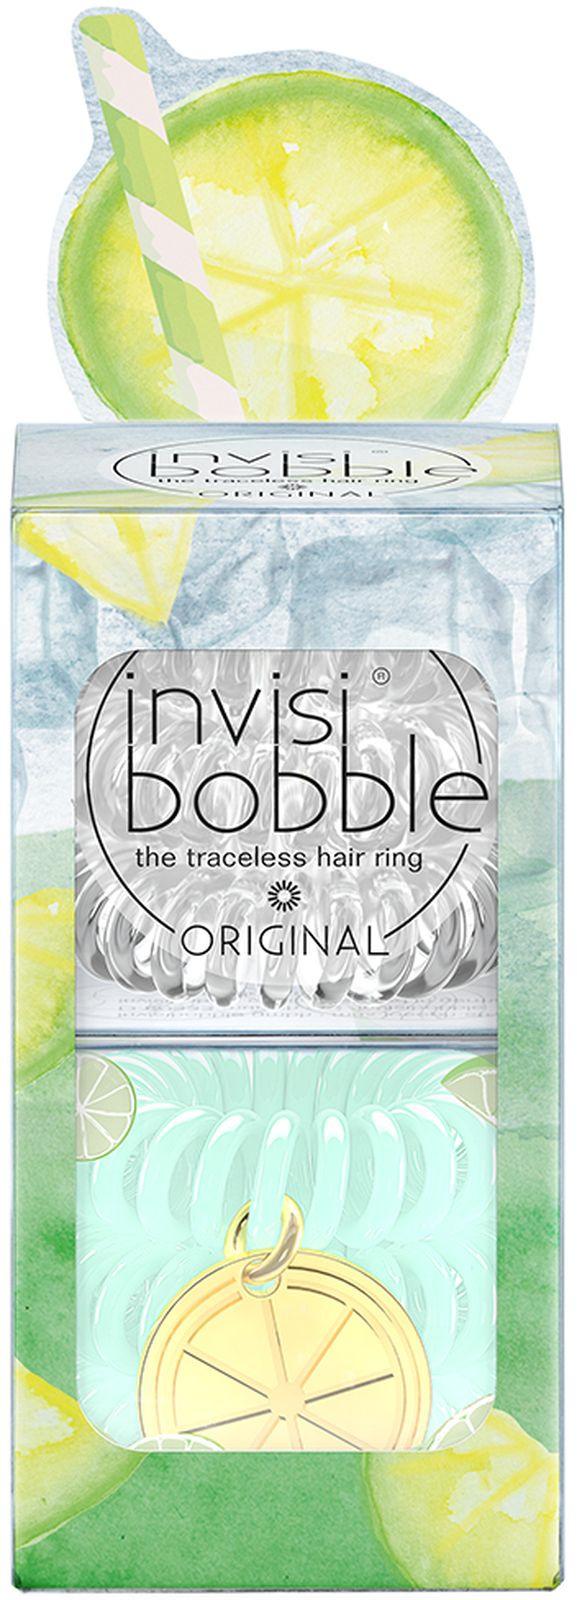 Резинка для волос Invisibobble invisibobble набор резинок для волос original happy hour main squeeze набор резинок для волос original happy hour main squeeze